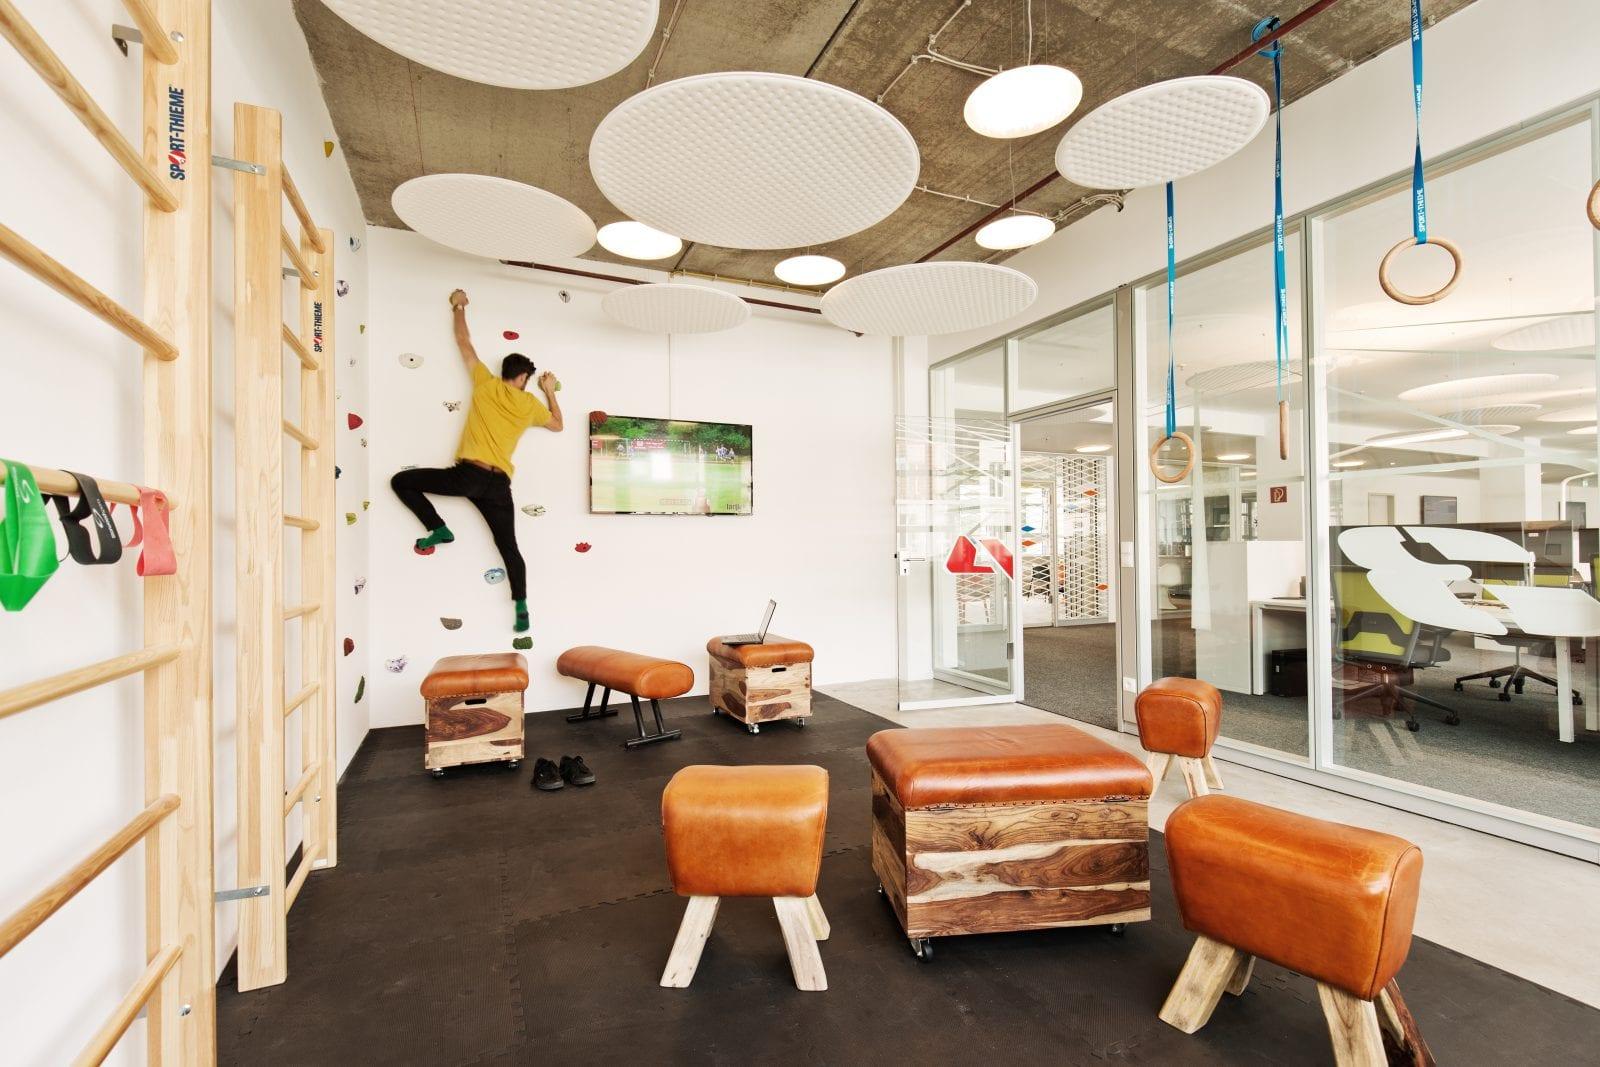 Designfunktion gestaltet neue konferenzr ume und ruhezonen for Designfunktion berlin